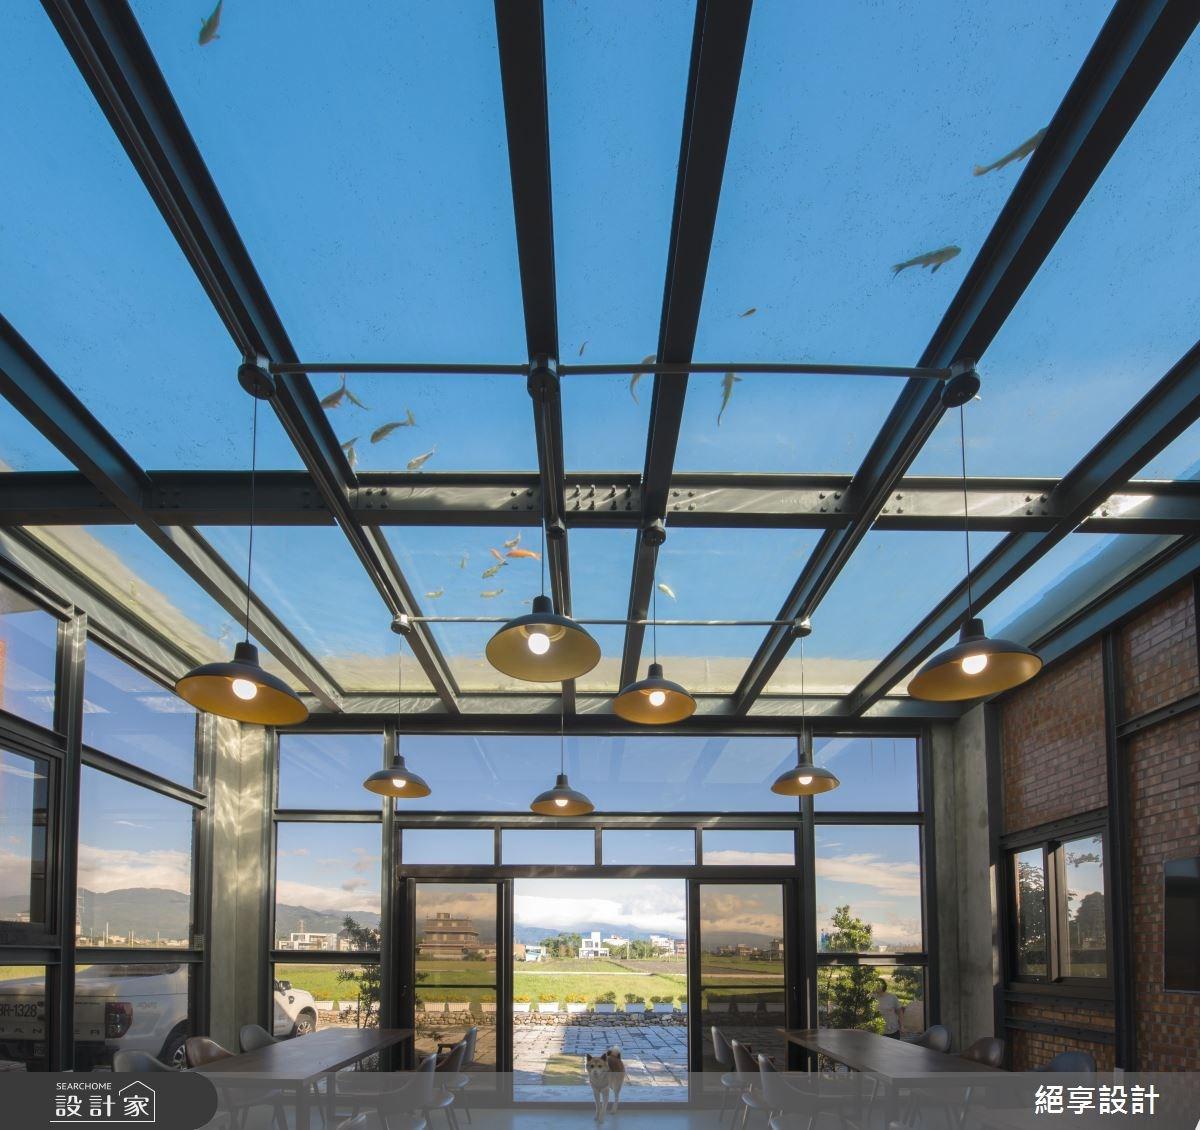 150坪新成屋(5年以下)_混搭風餐廳案例圖片_絕享設計_絕享_67之1